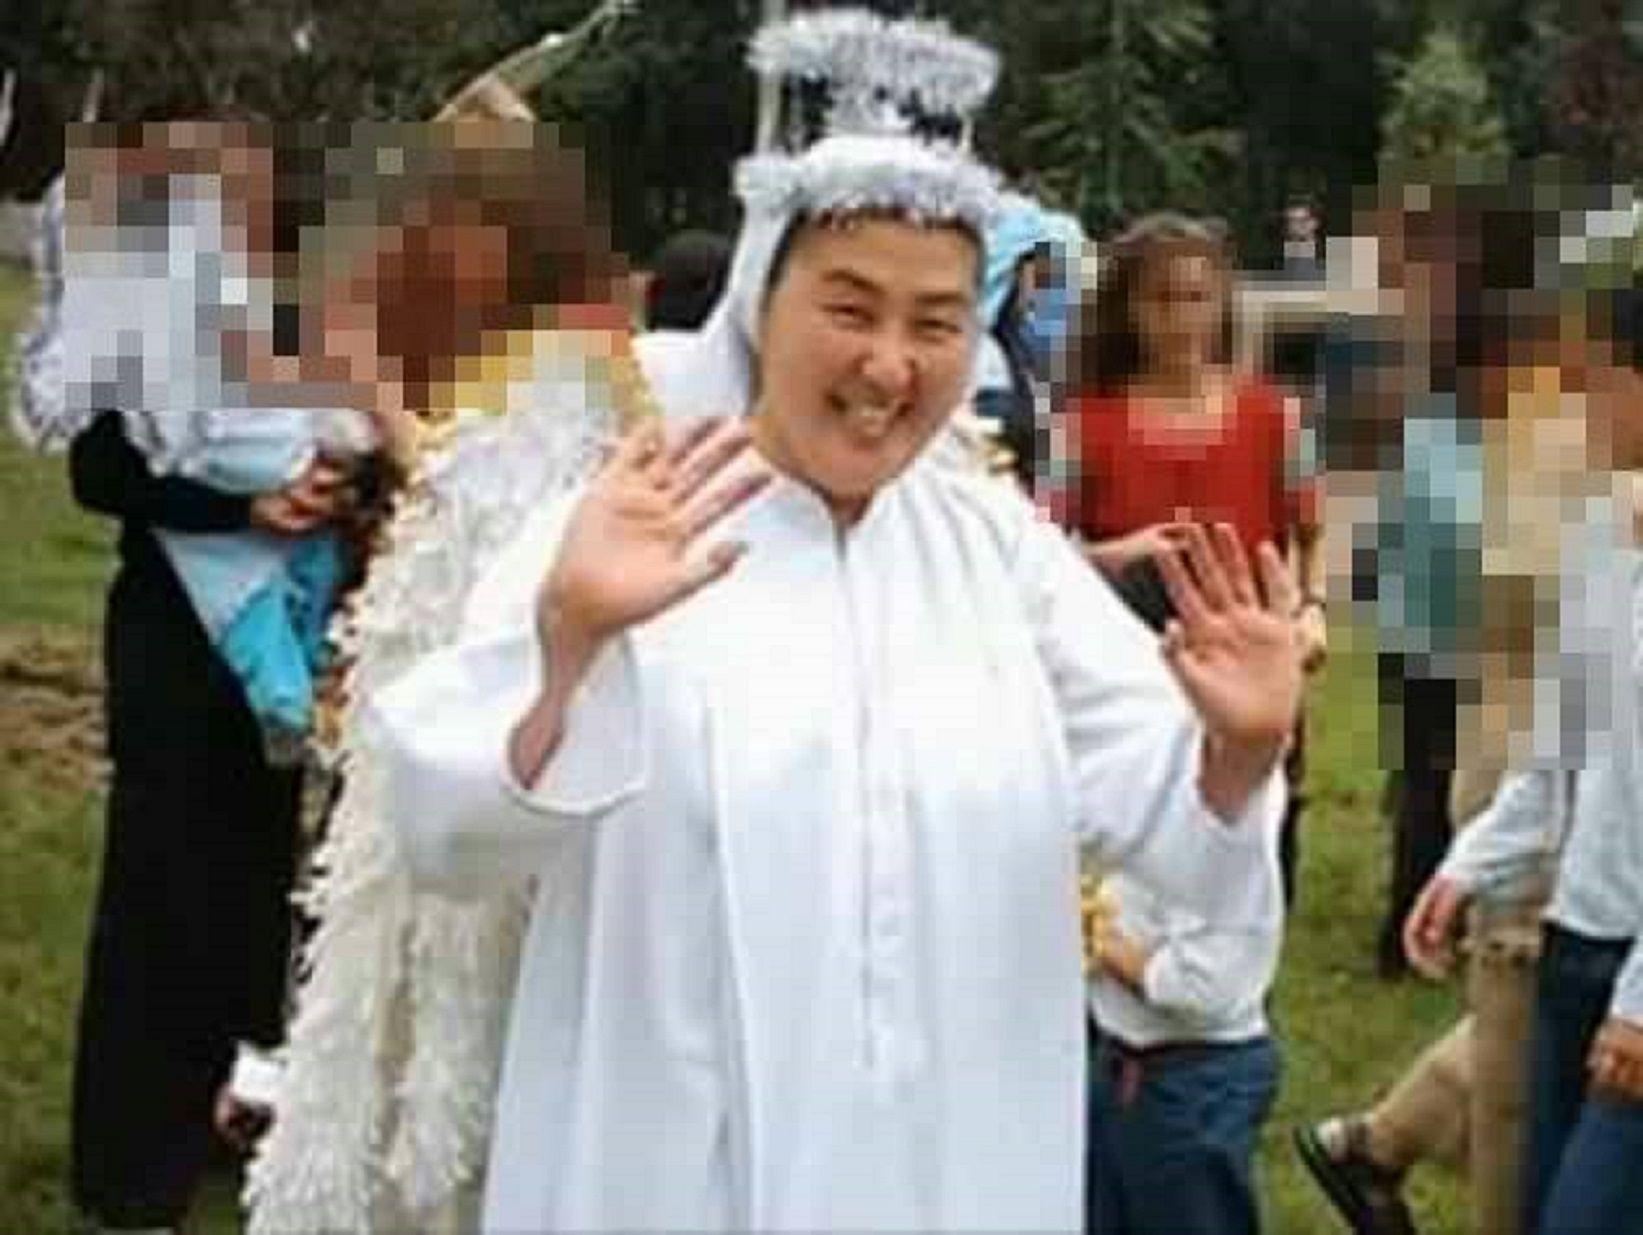 Se entregó la monja cómplice de los abusos en el Instituto Próvolo